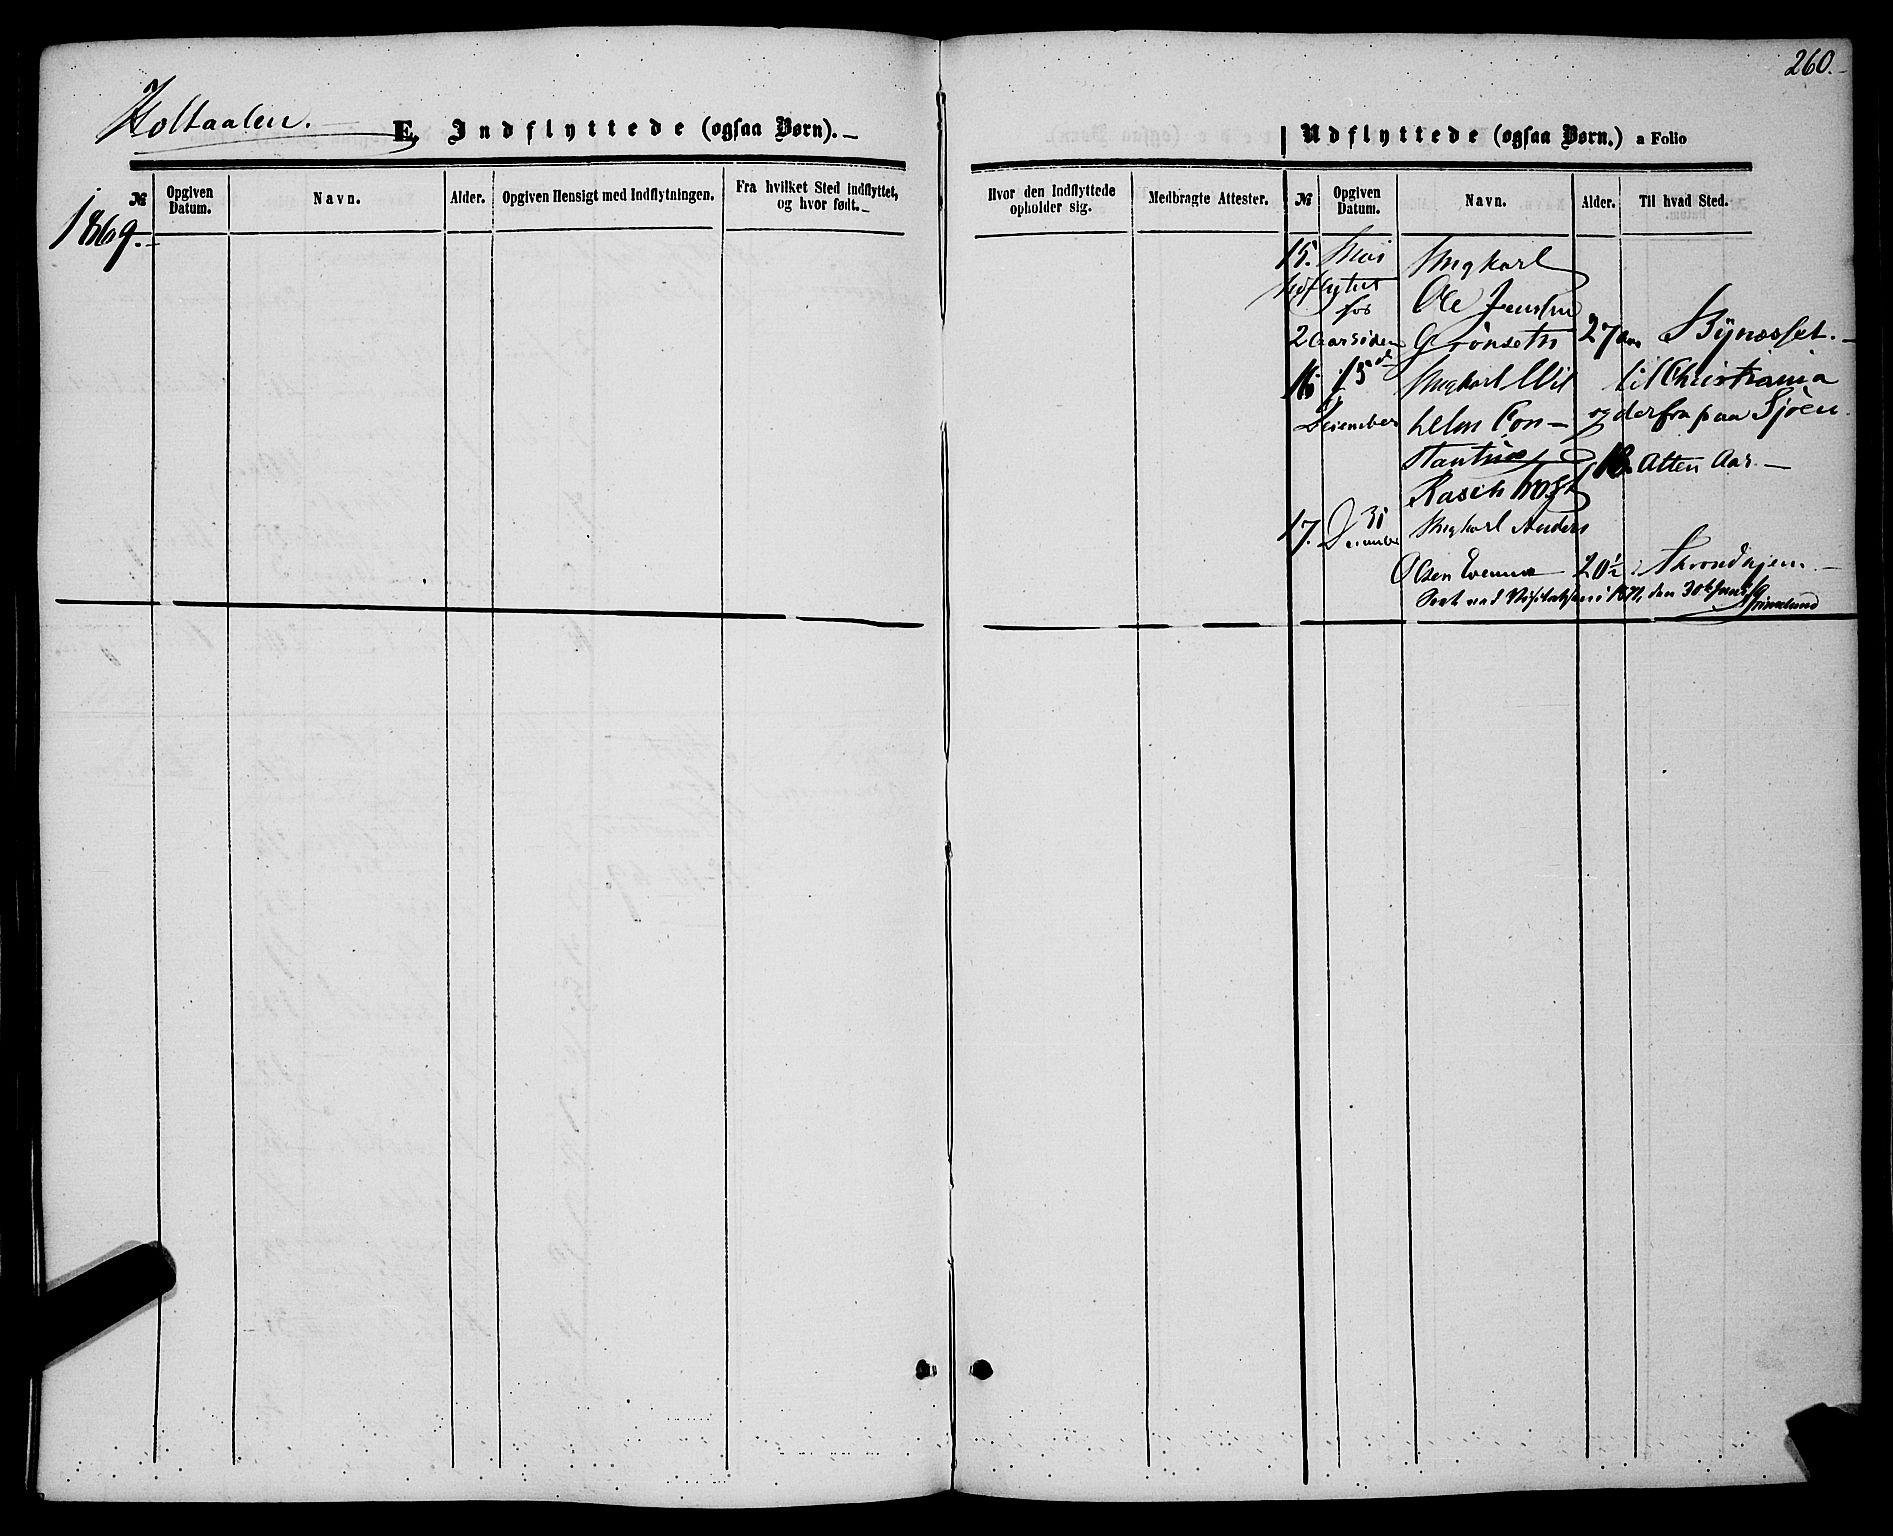 SAT, Ministerialprotokoller, klokkerbøker og fødselsregistre - Sør-Trøndelag, 685/L0966: Ministerialbok nr. 685A07 /1, 1860-1869, s. 260